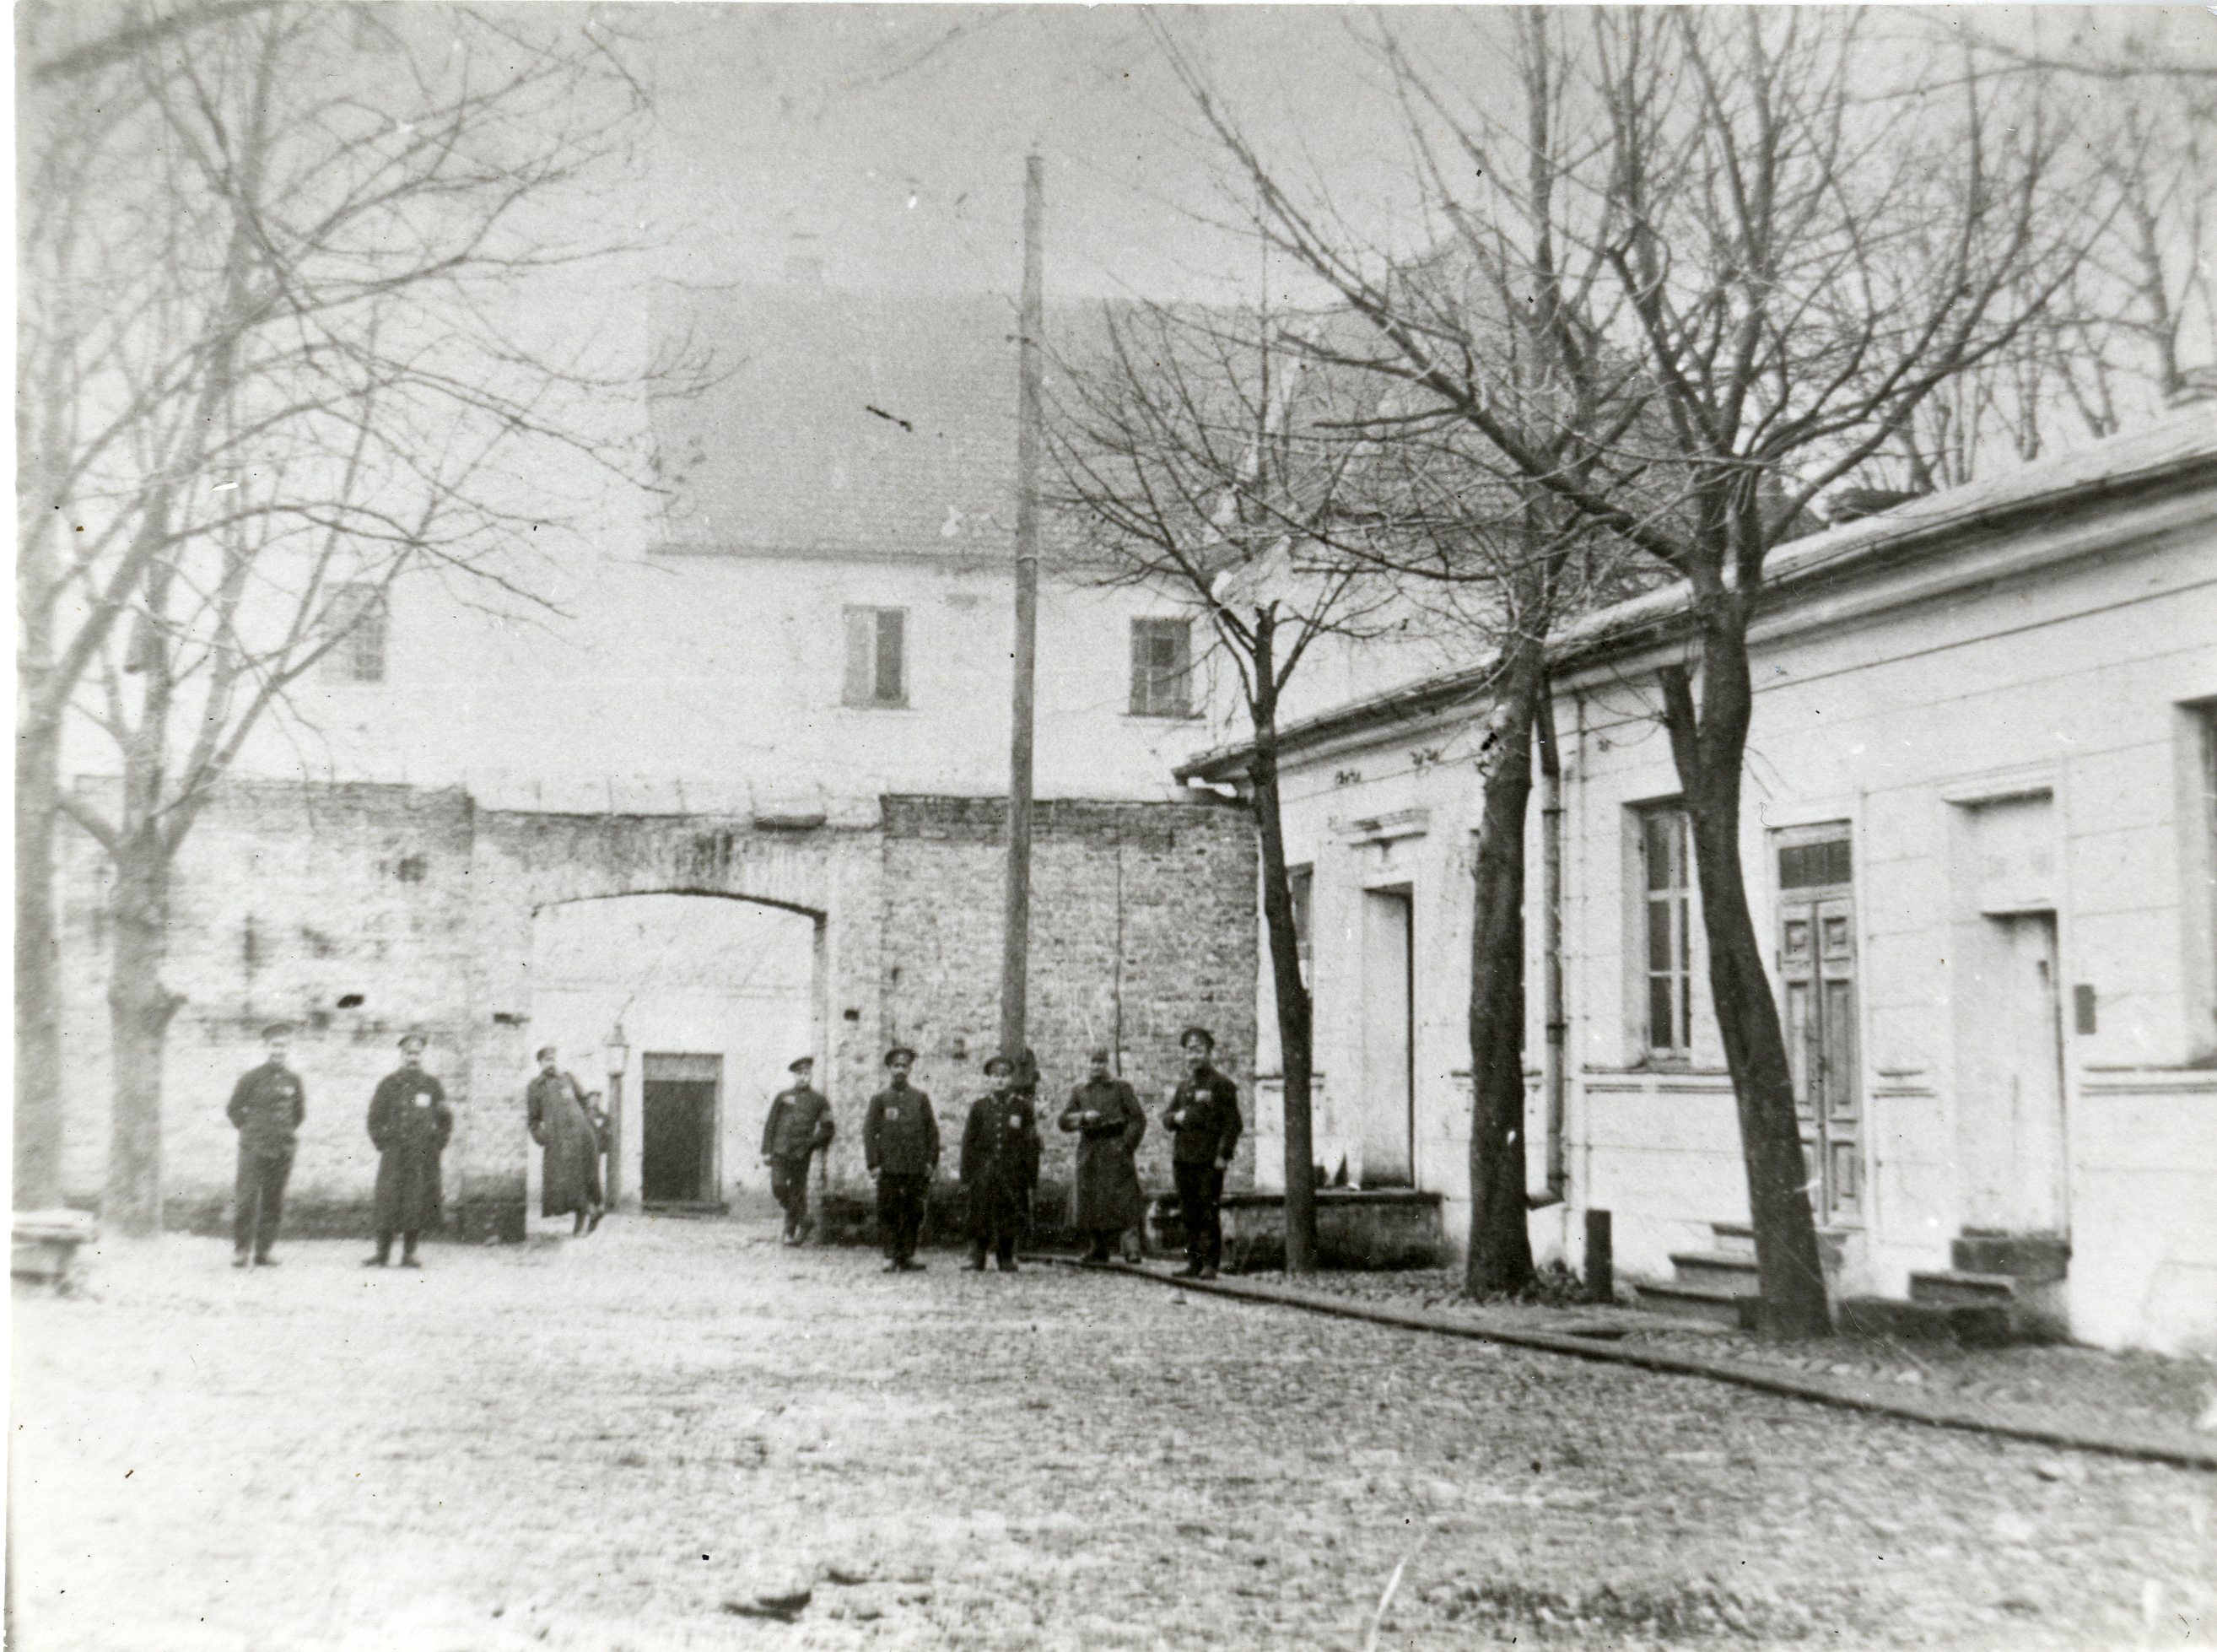 Vēstures otrdienas. Bēgšana no cietuma